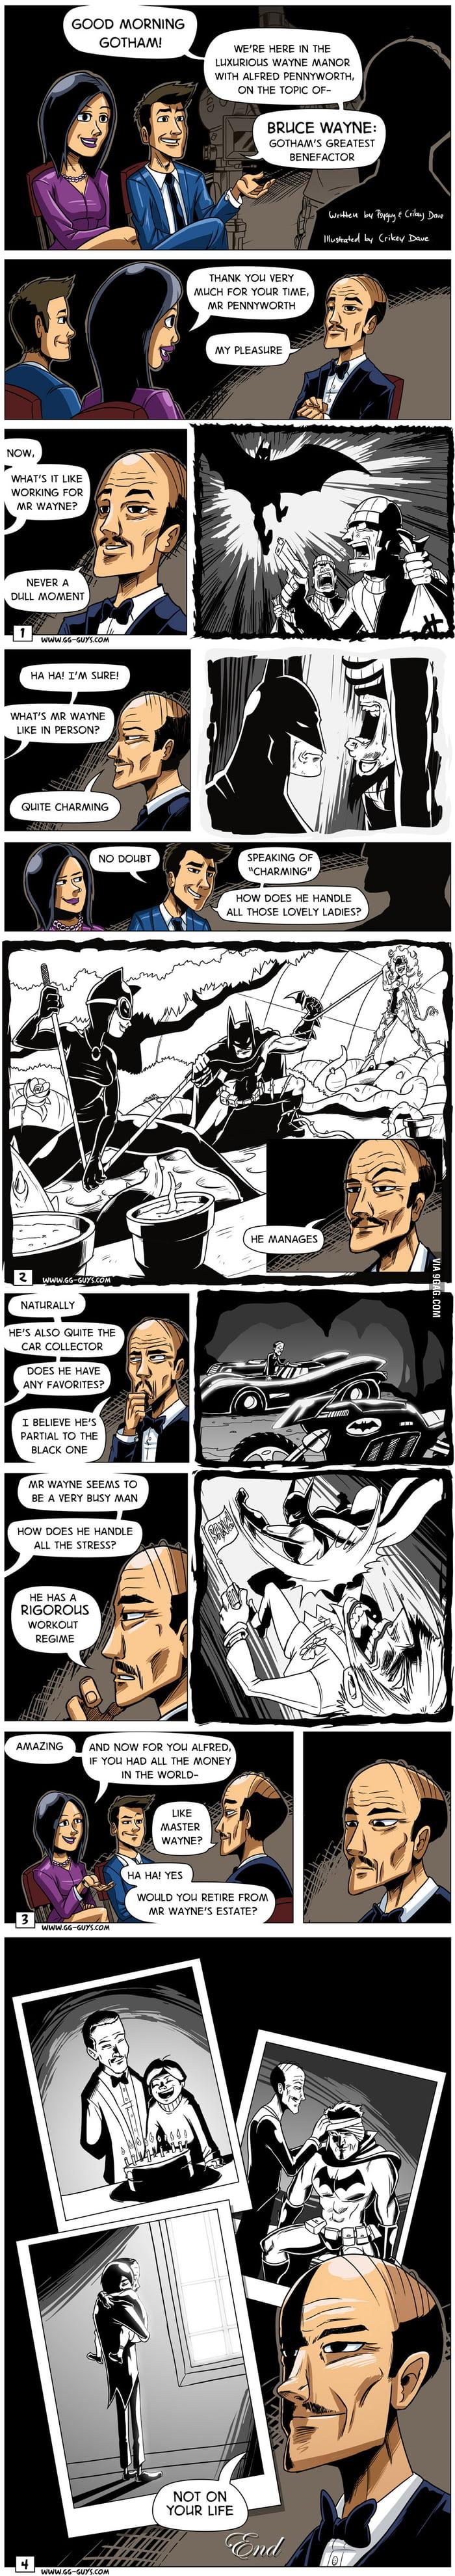 Alfred loves batboy